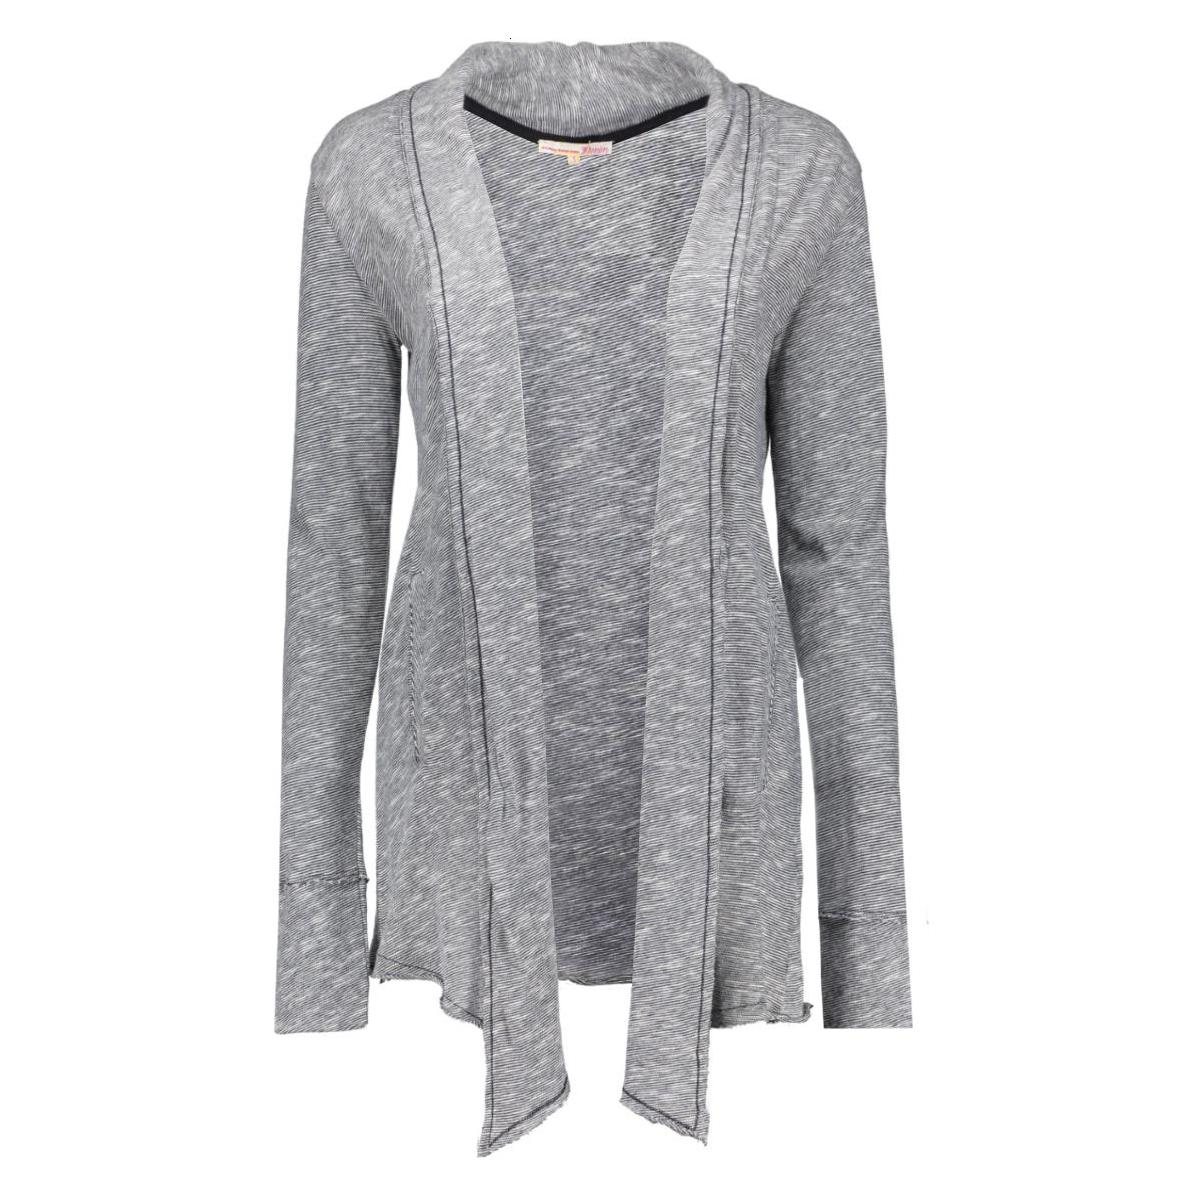 1035783.00.71 tom tailor vest 6901